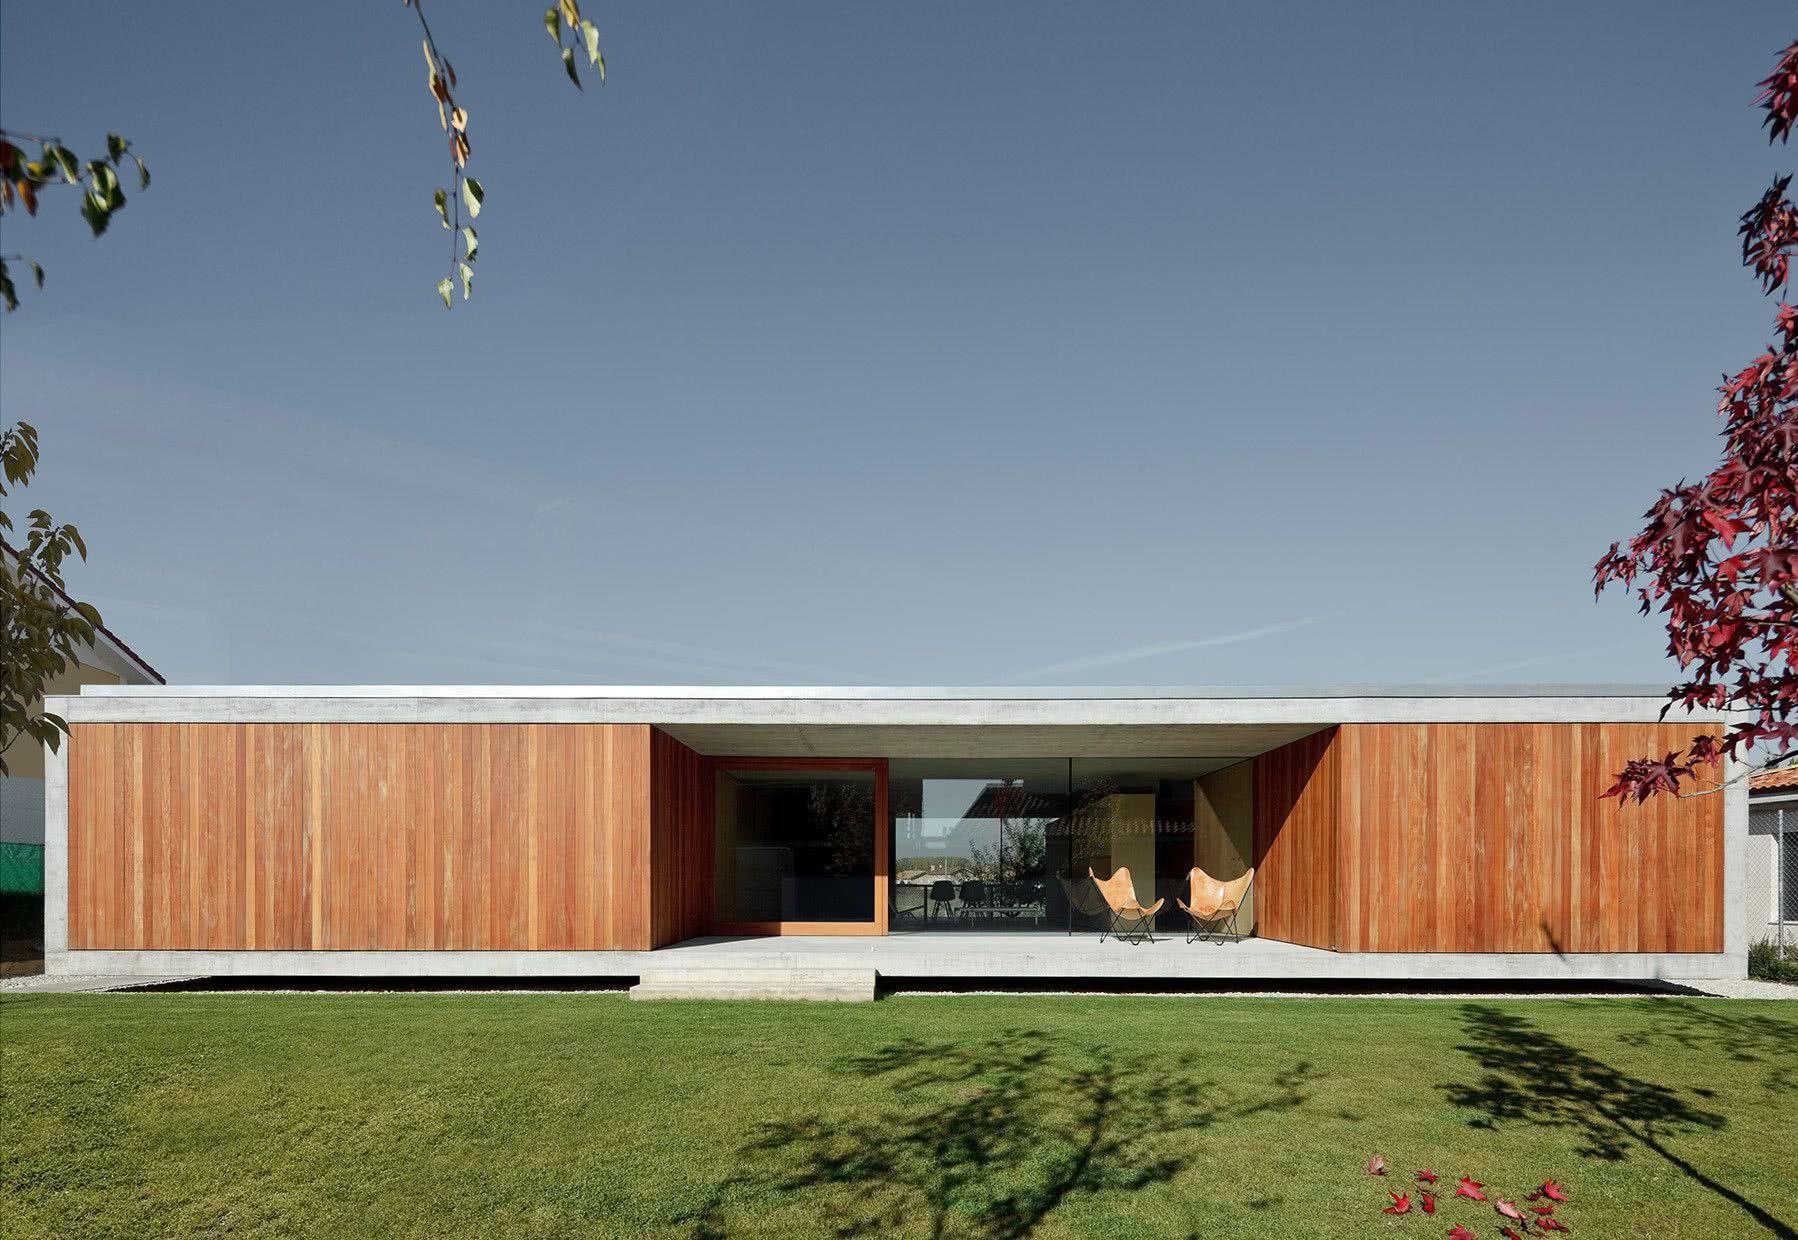 Casa térrea moderna de concreto e revestimento frontal de madeira.